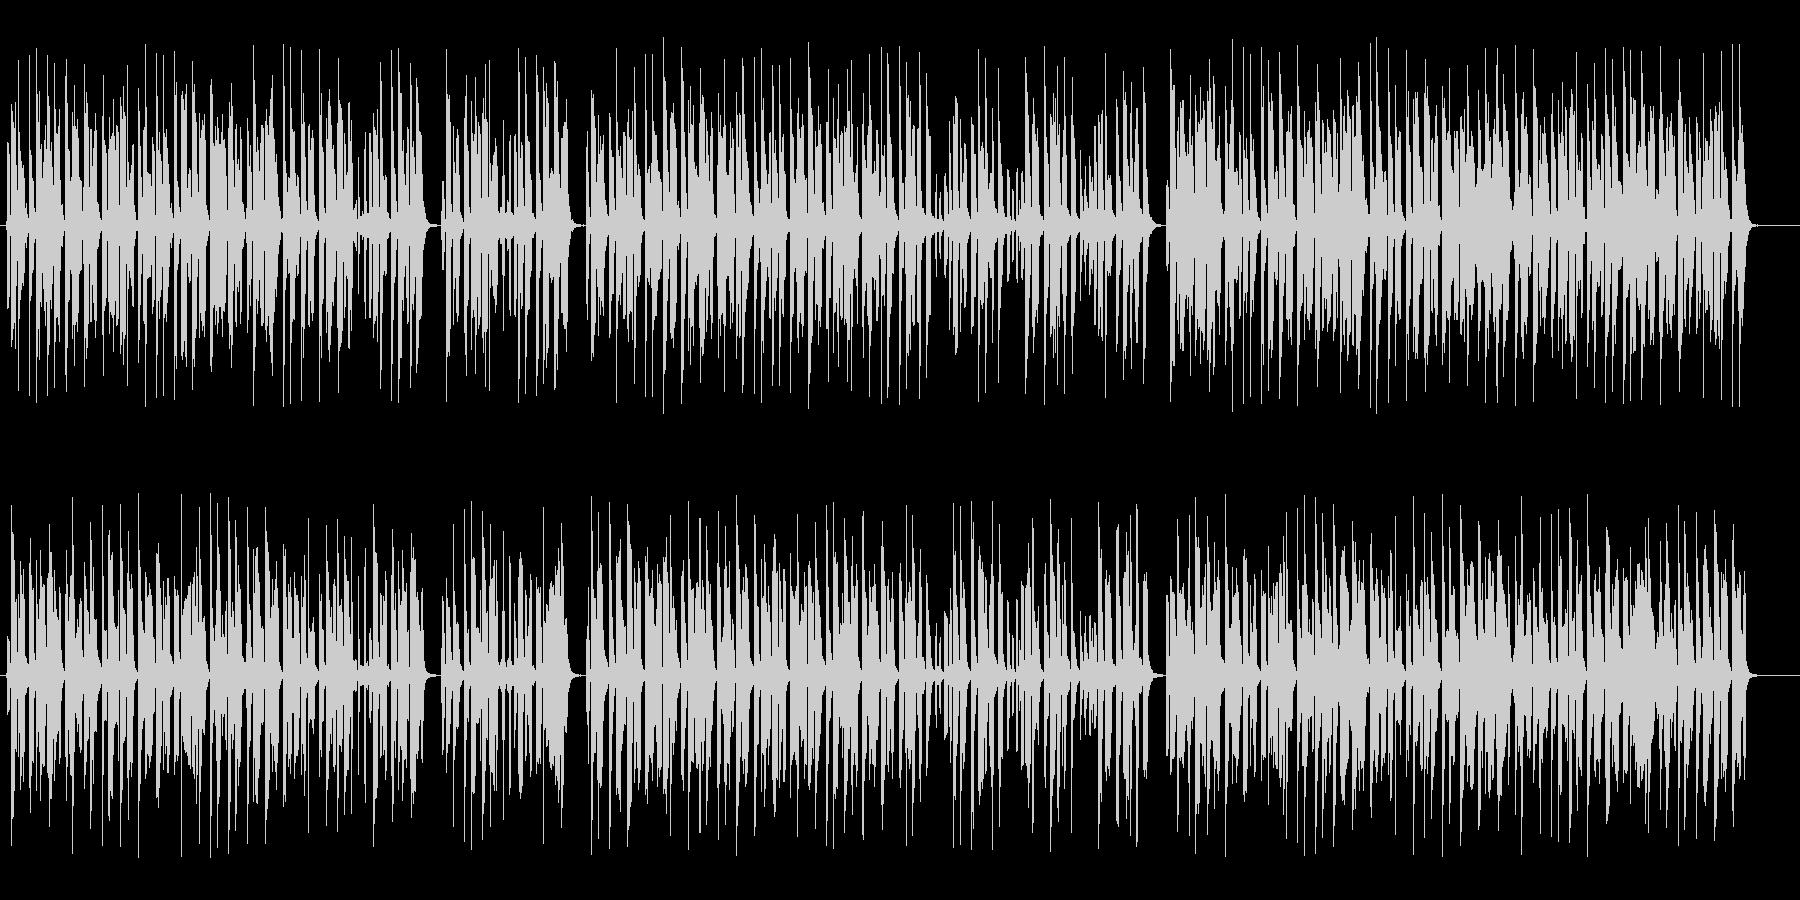 ゆったりおしゃれなシンセピアノサウンドの未再生の波形